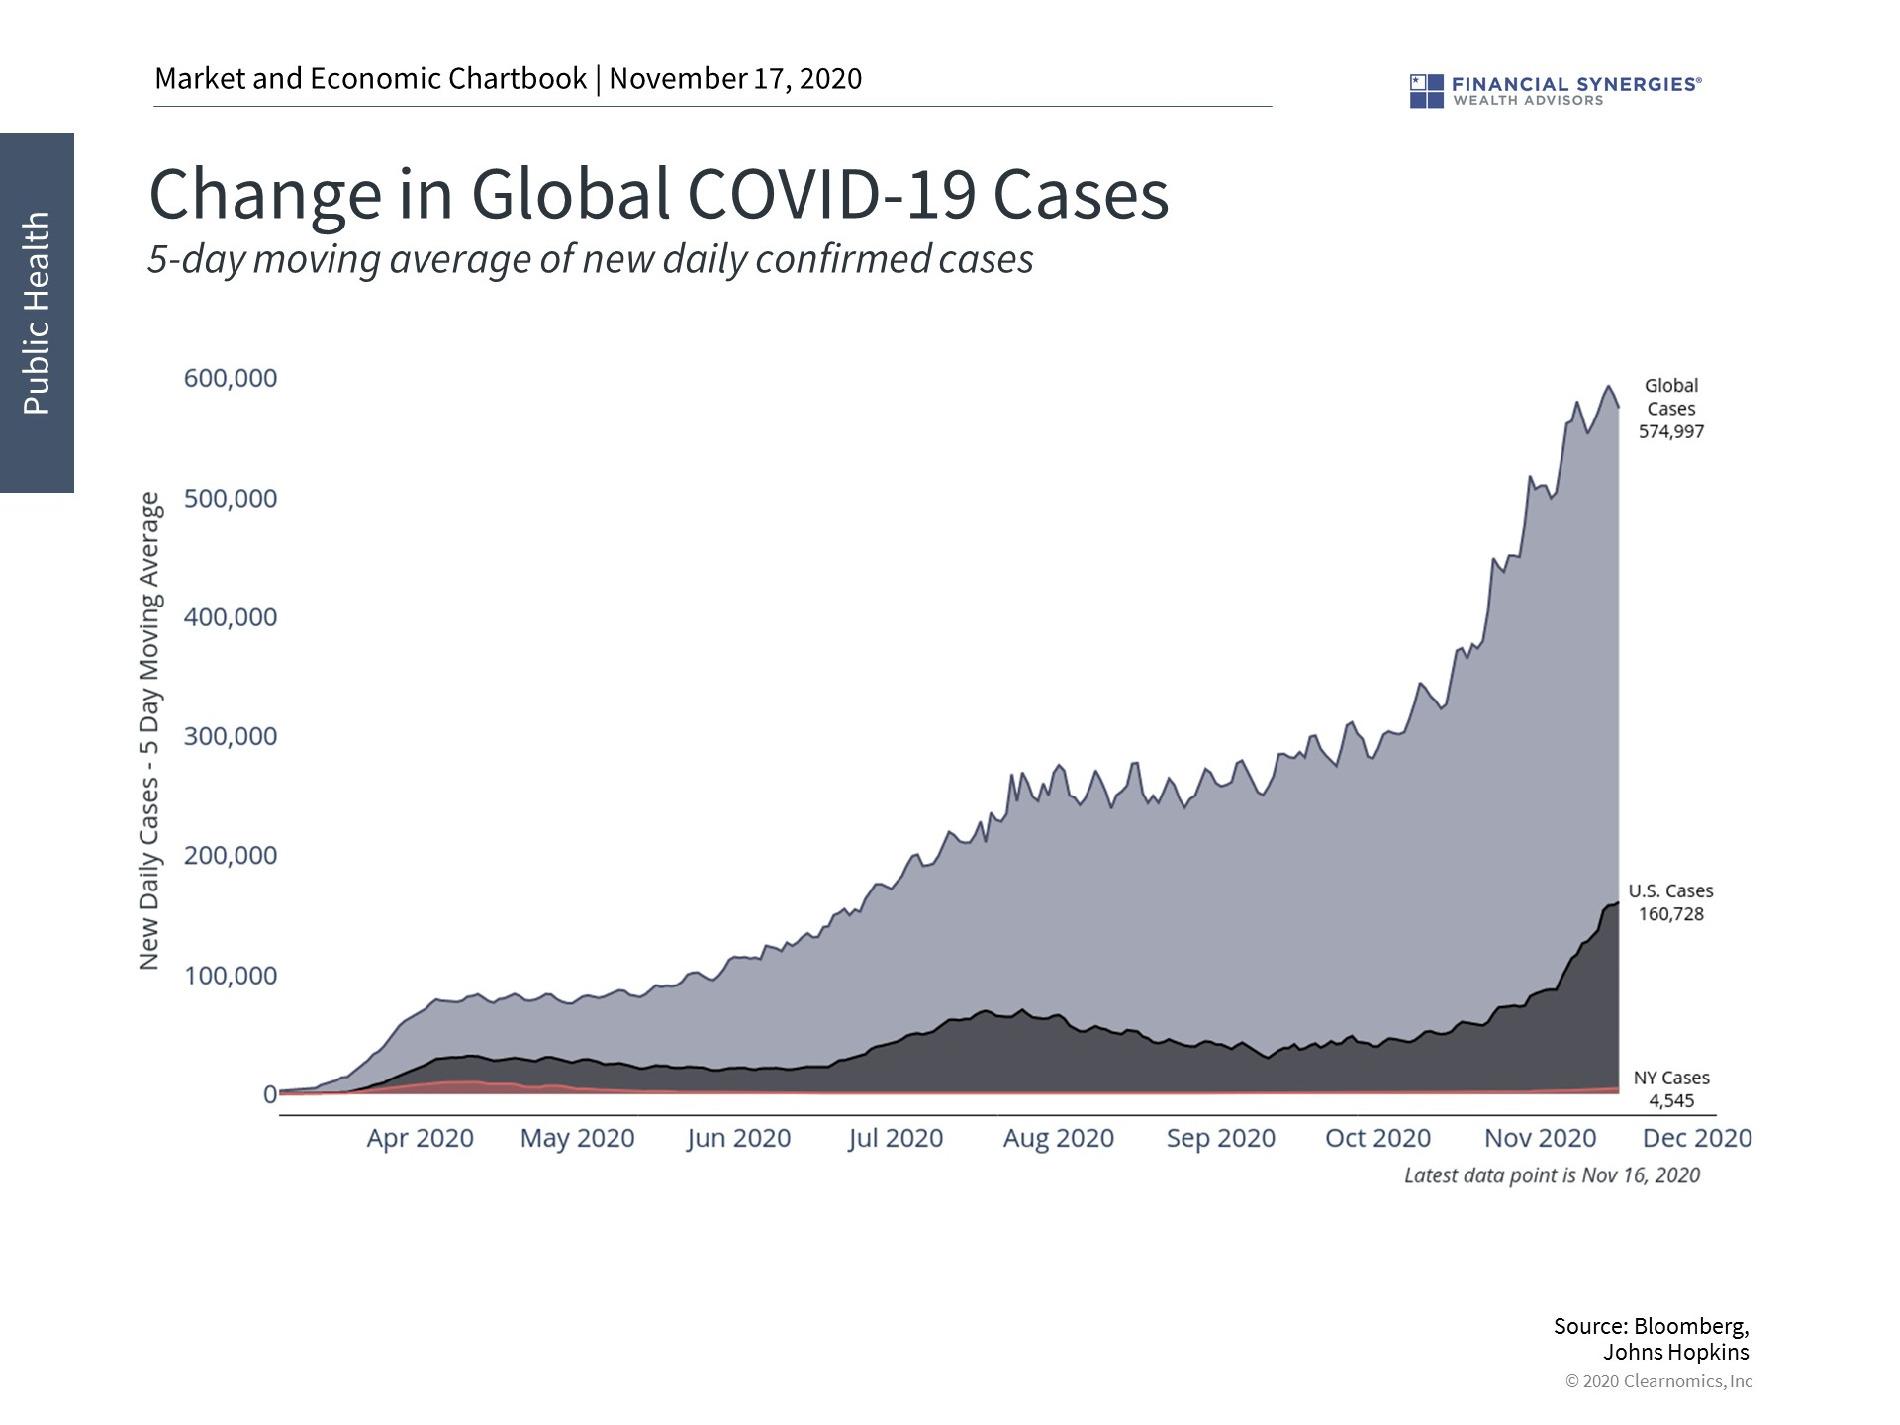 Global COVID